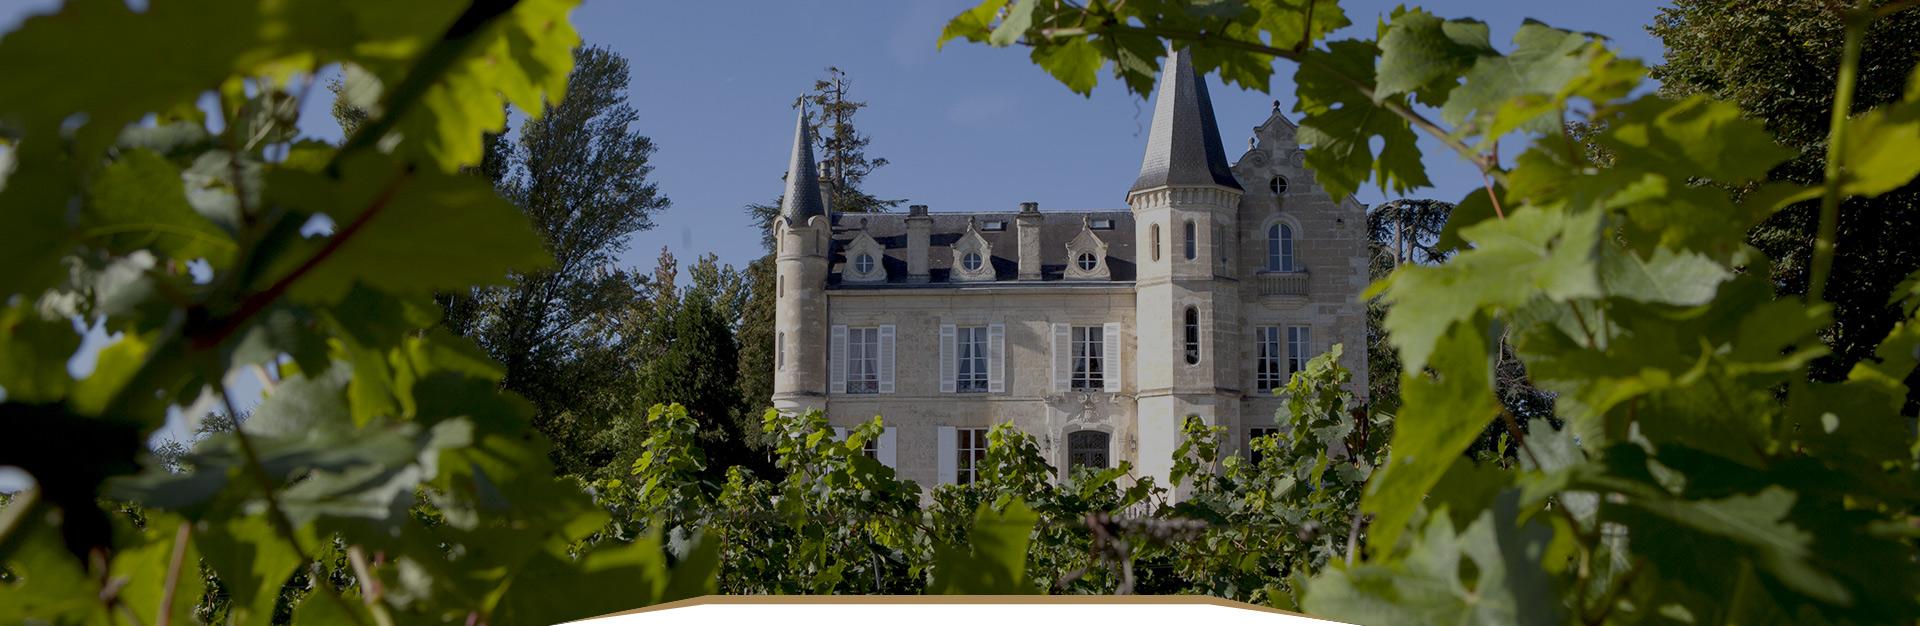 Château Haut-Bergey - Syndicat des vins de Pessac Leognan